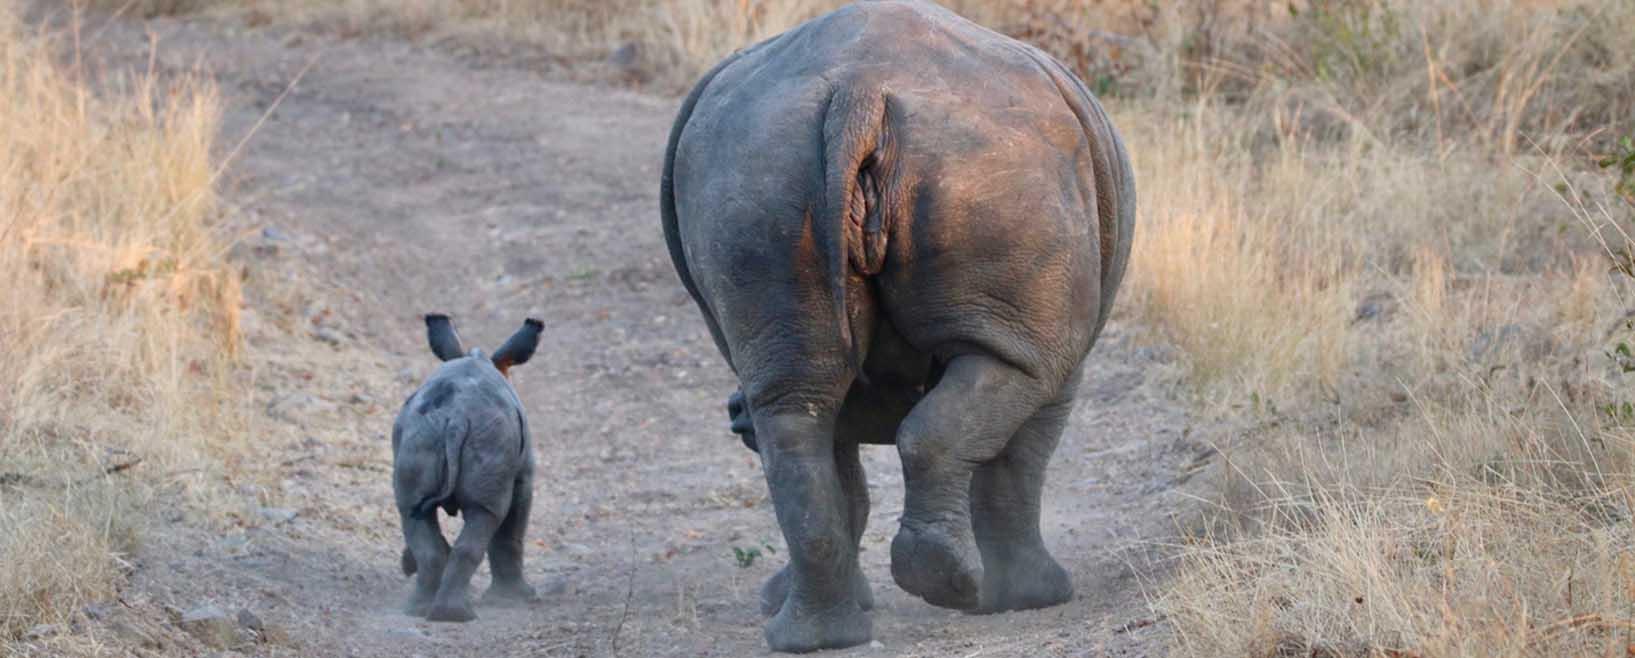 Endangered Rhino Conservation ERC Saving Rhinos Slider Image 2